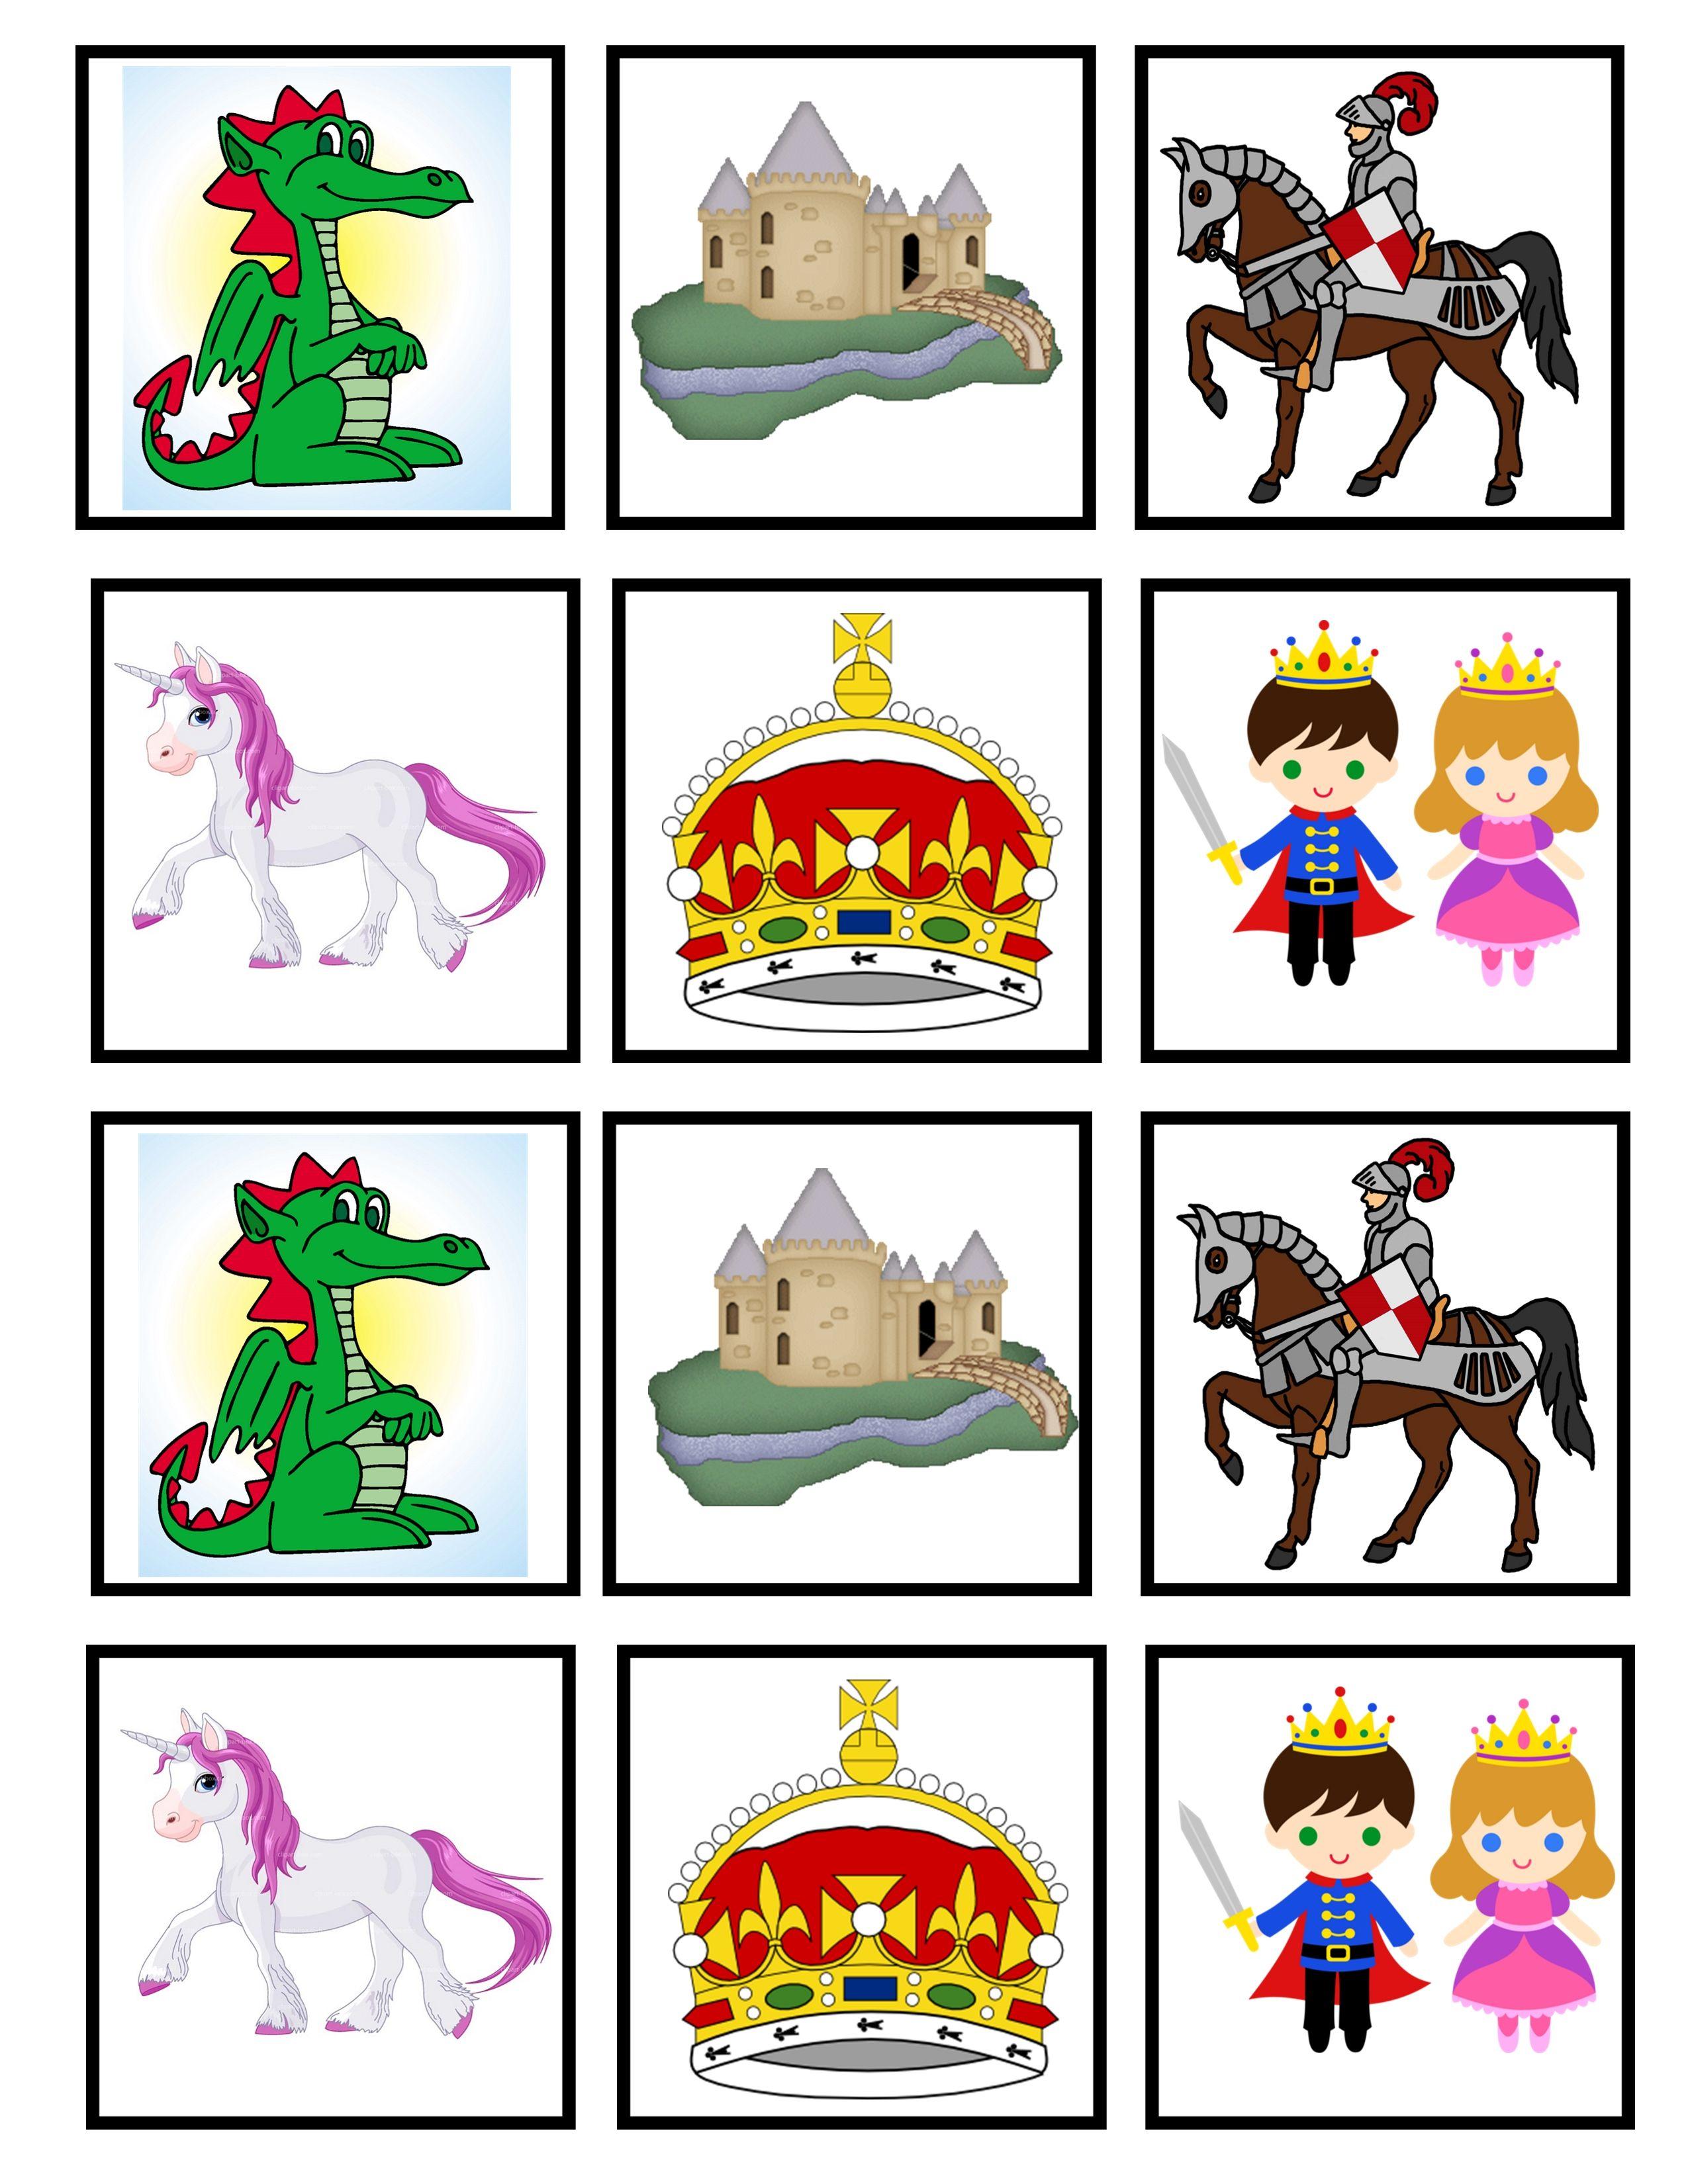 Memory game moyen ge pinterest jeux princesse chevaliers maternelle et chateau princesse - Jeux memoire a imprimer ...